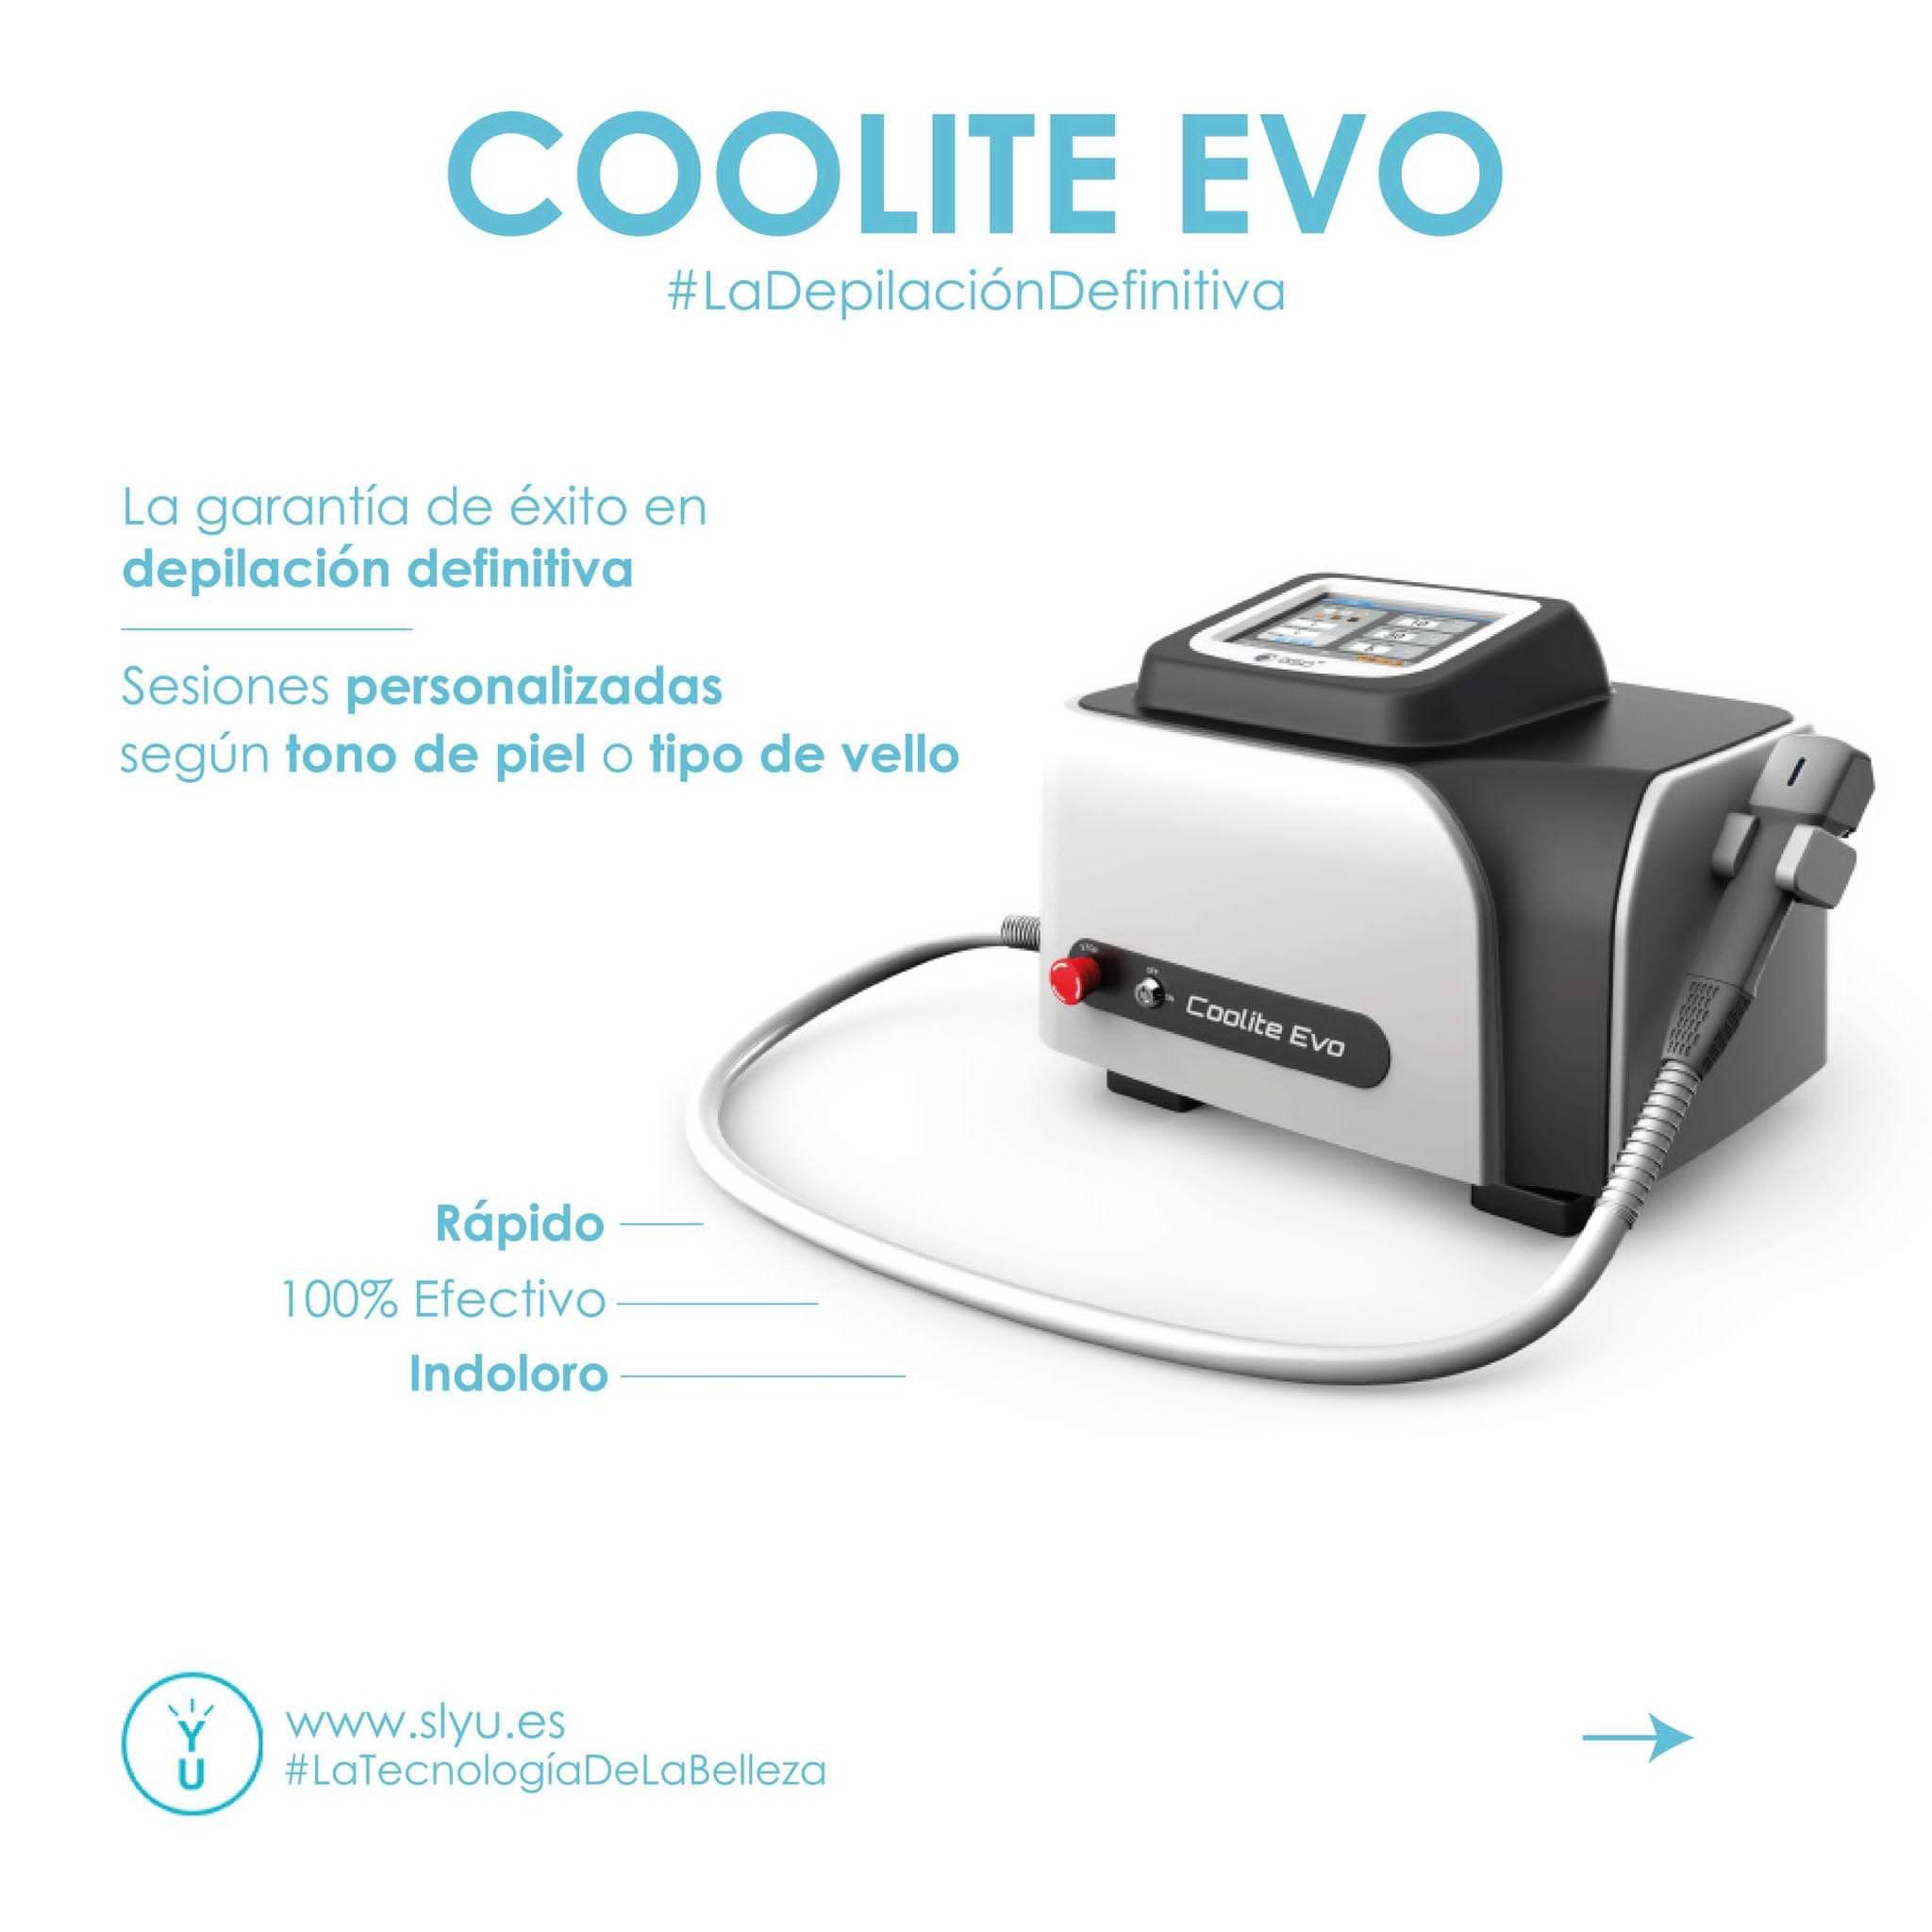 Coolite EVO